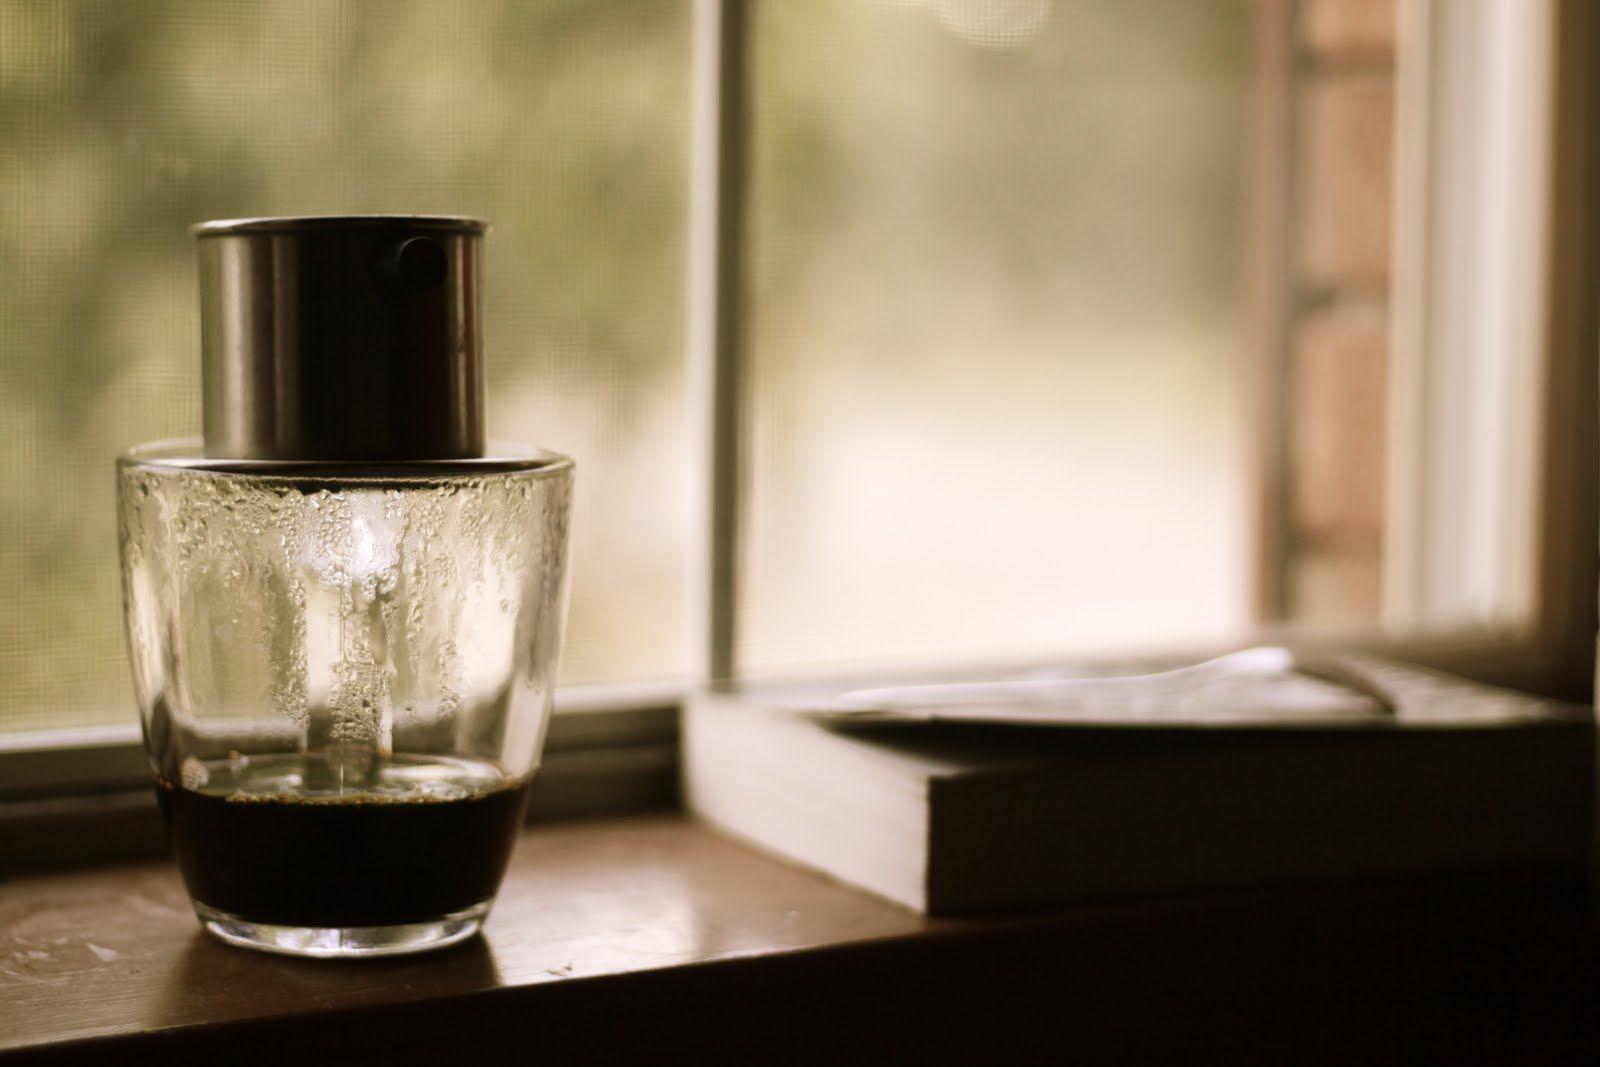 ena - Một đen đá, một tôi - thơ timbuondoncoi